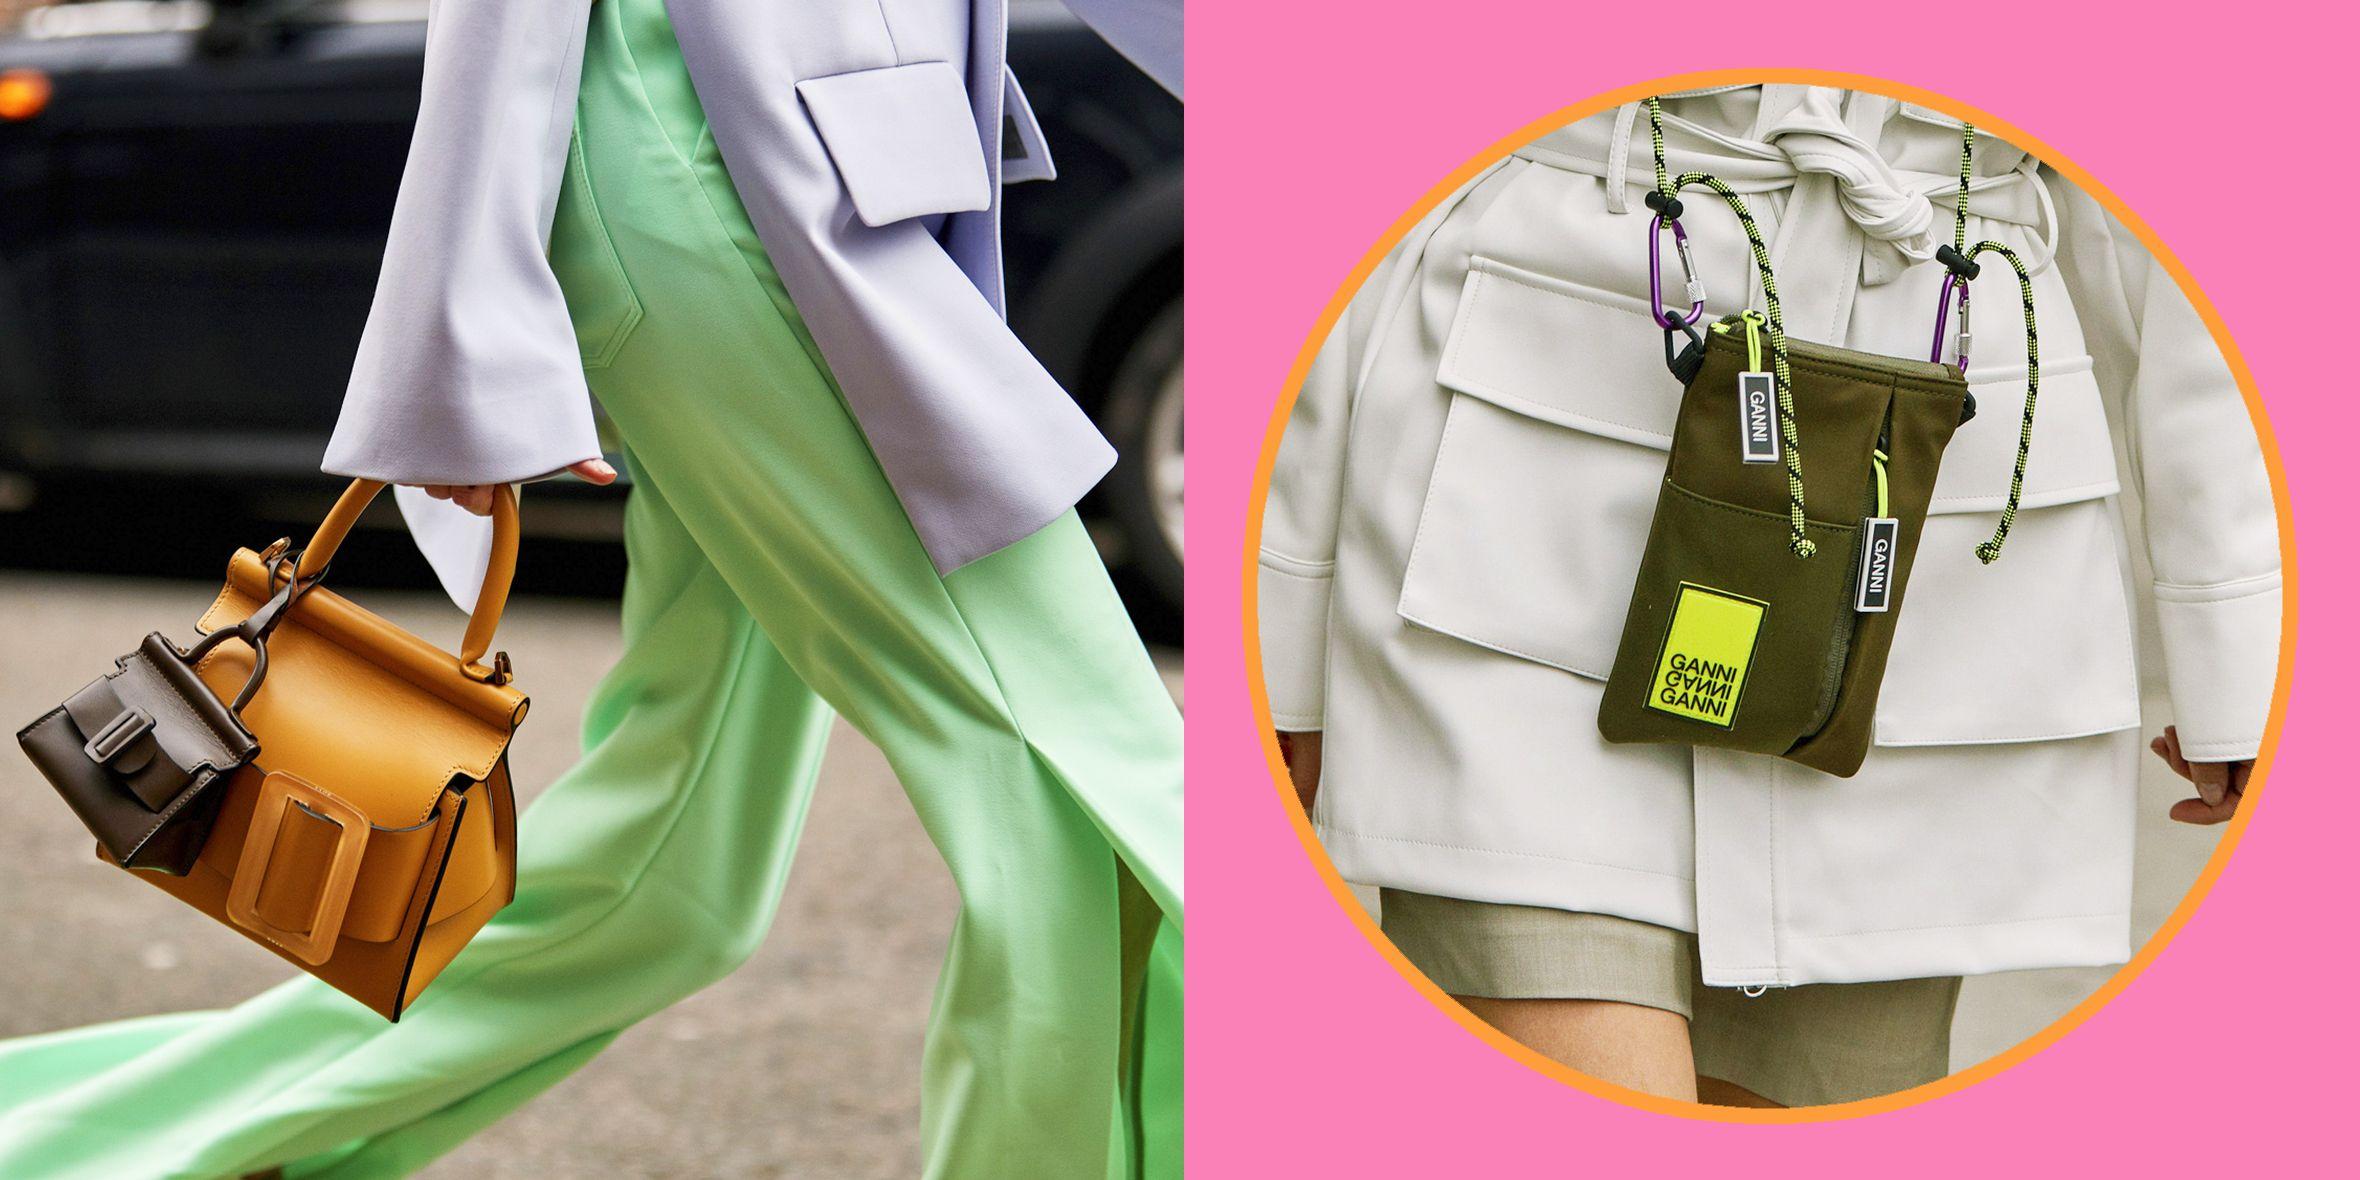 Con le borse moda 2019 inauguri la primavera estate con outfit alla moda easy e cool, dalle borse a tracolla total white, al marsupio in pelle ultra femminile e le buste piatte da indossare come collane.